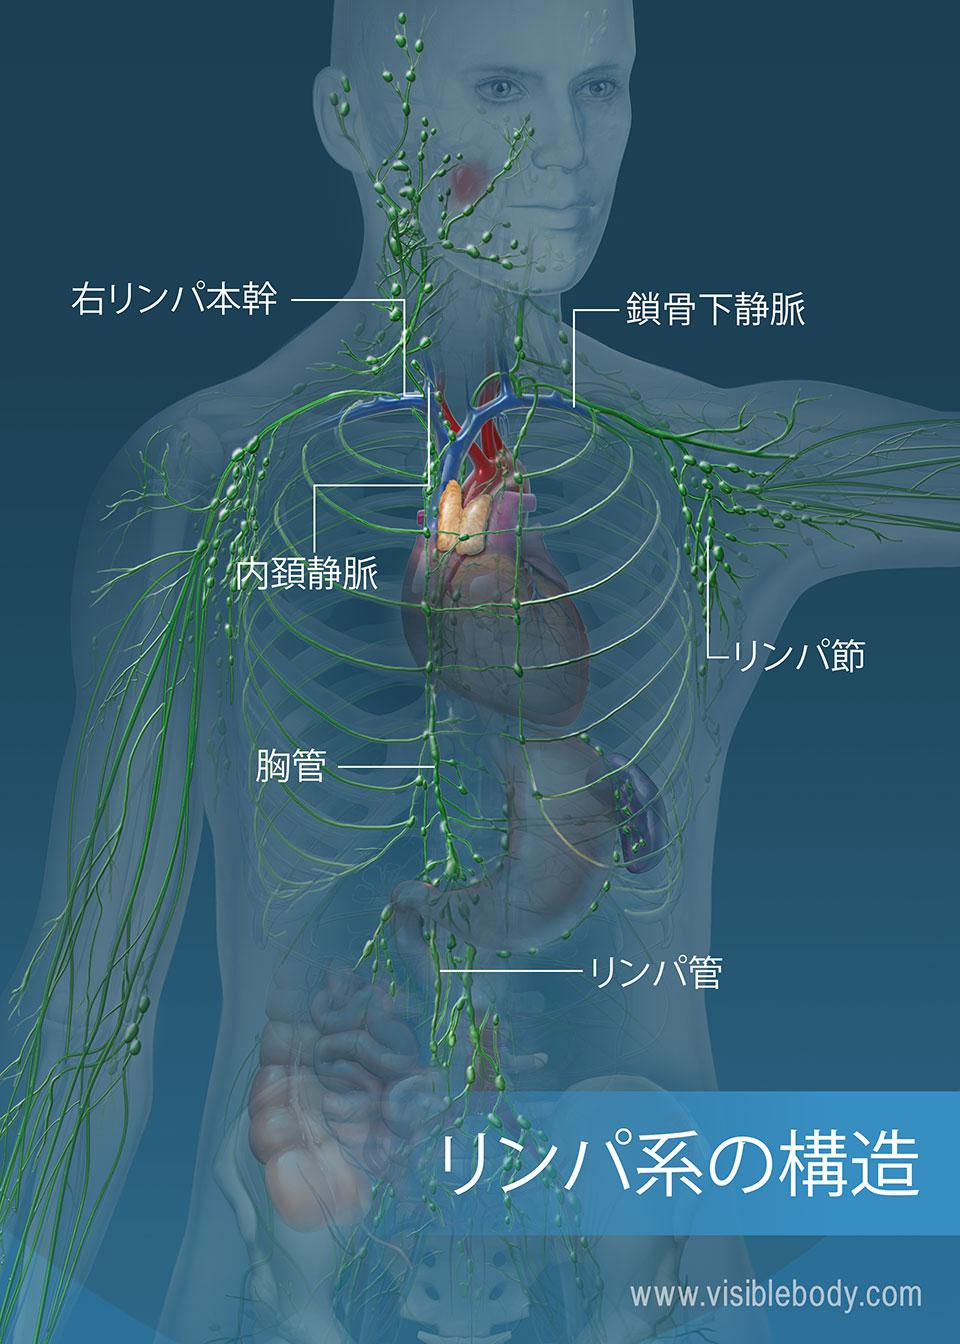 リンパ管ネットワークは、胴体と腕全体にわたっています。 主要構造物には、胸管、右リンパ本幹、およびリンパ管が含まれます。